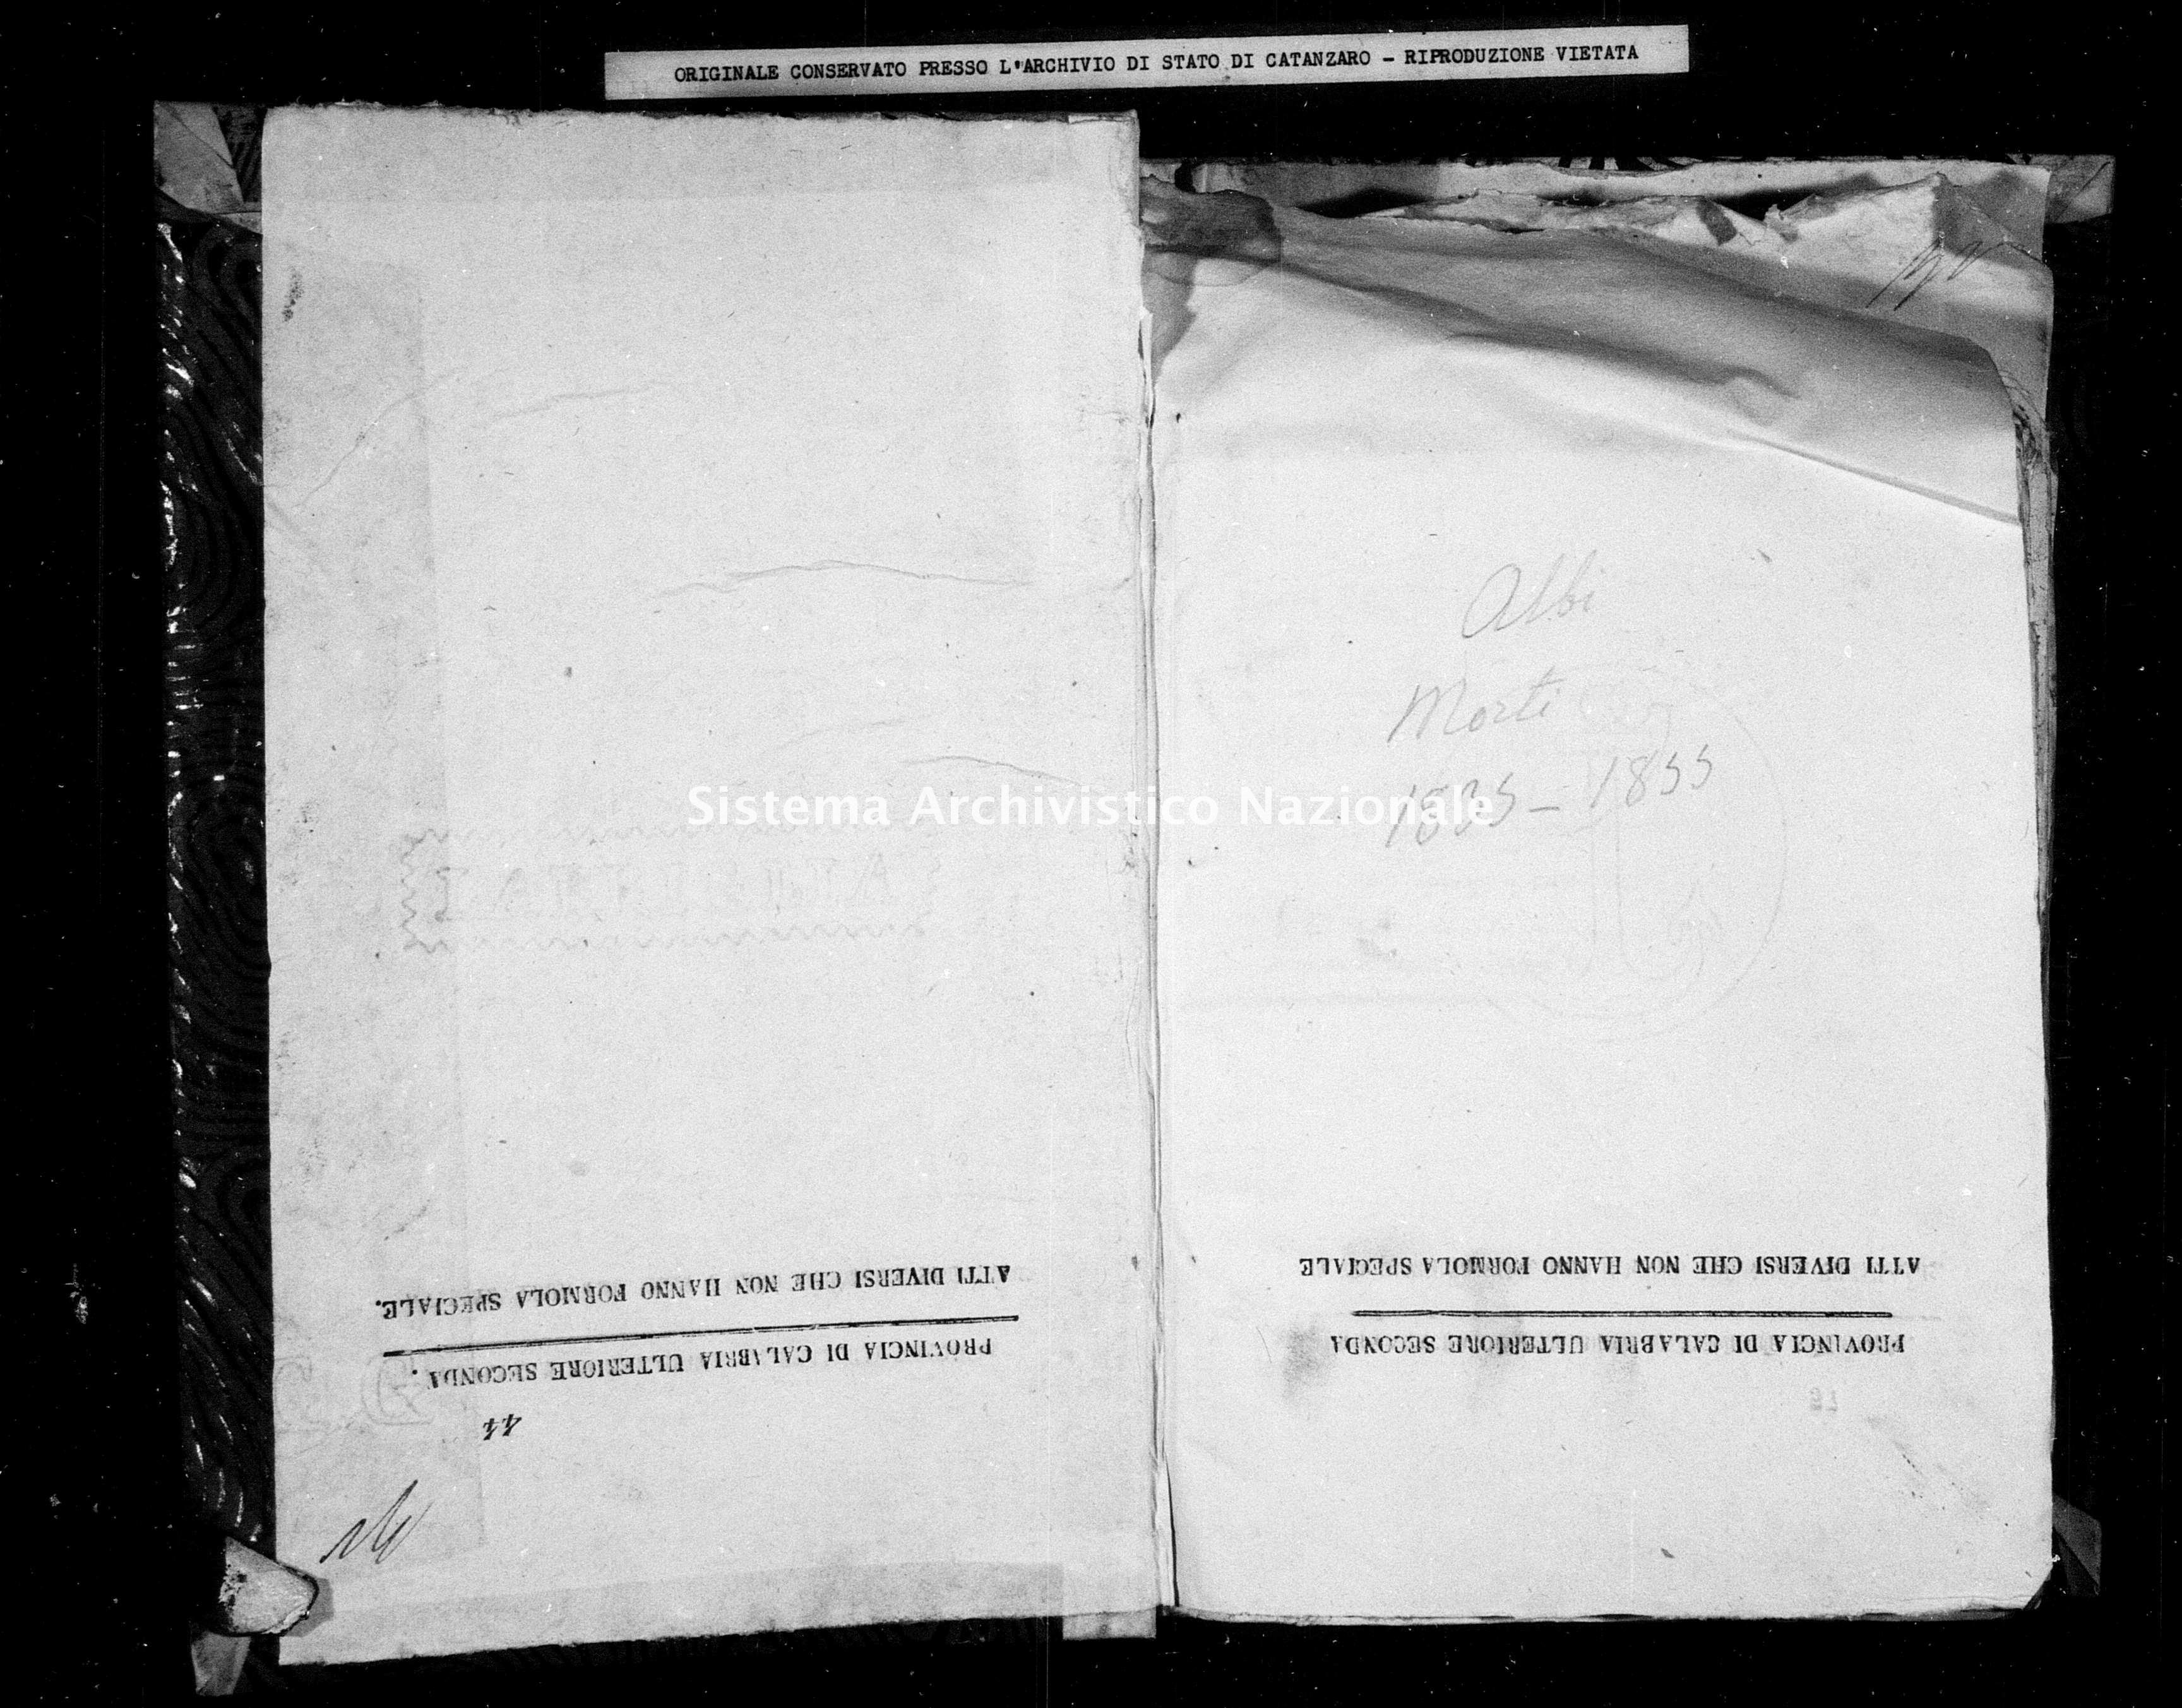 Archivio di stato di Catanzaro - Stato civile italiano - Albi - Morti - 05/01/1835-23/07/1835 -